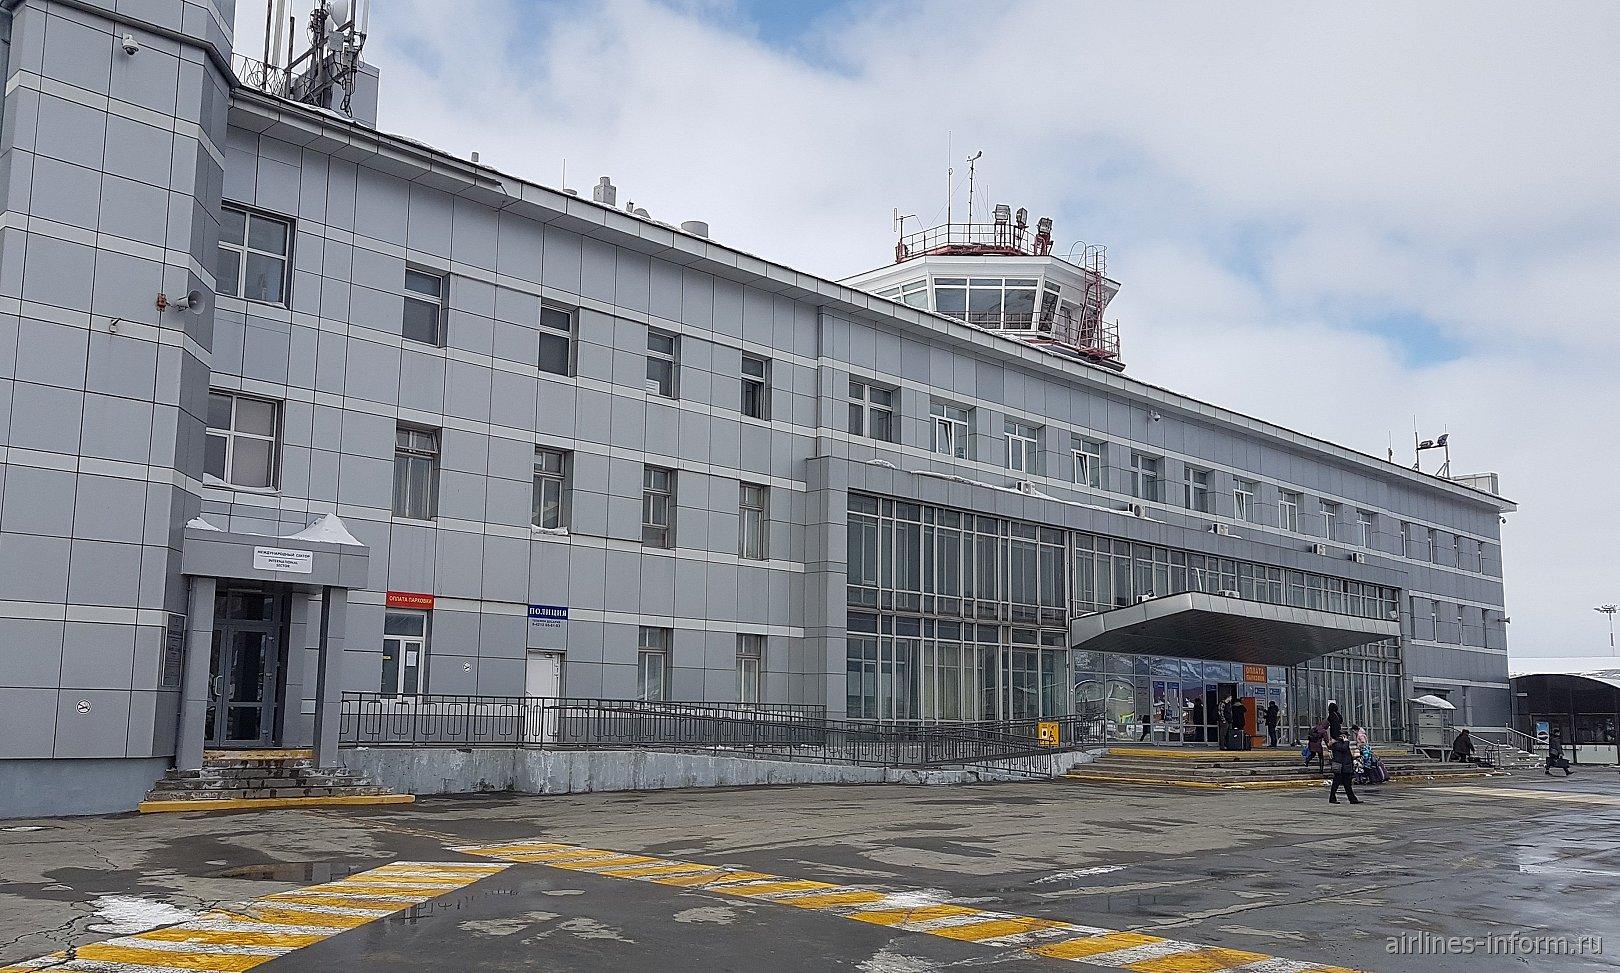 Аэровокзал аэропорта Южно-Сахалинск Хомутово